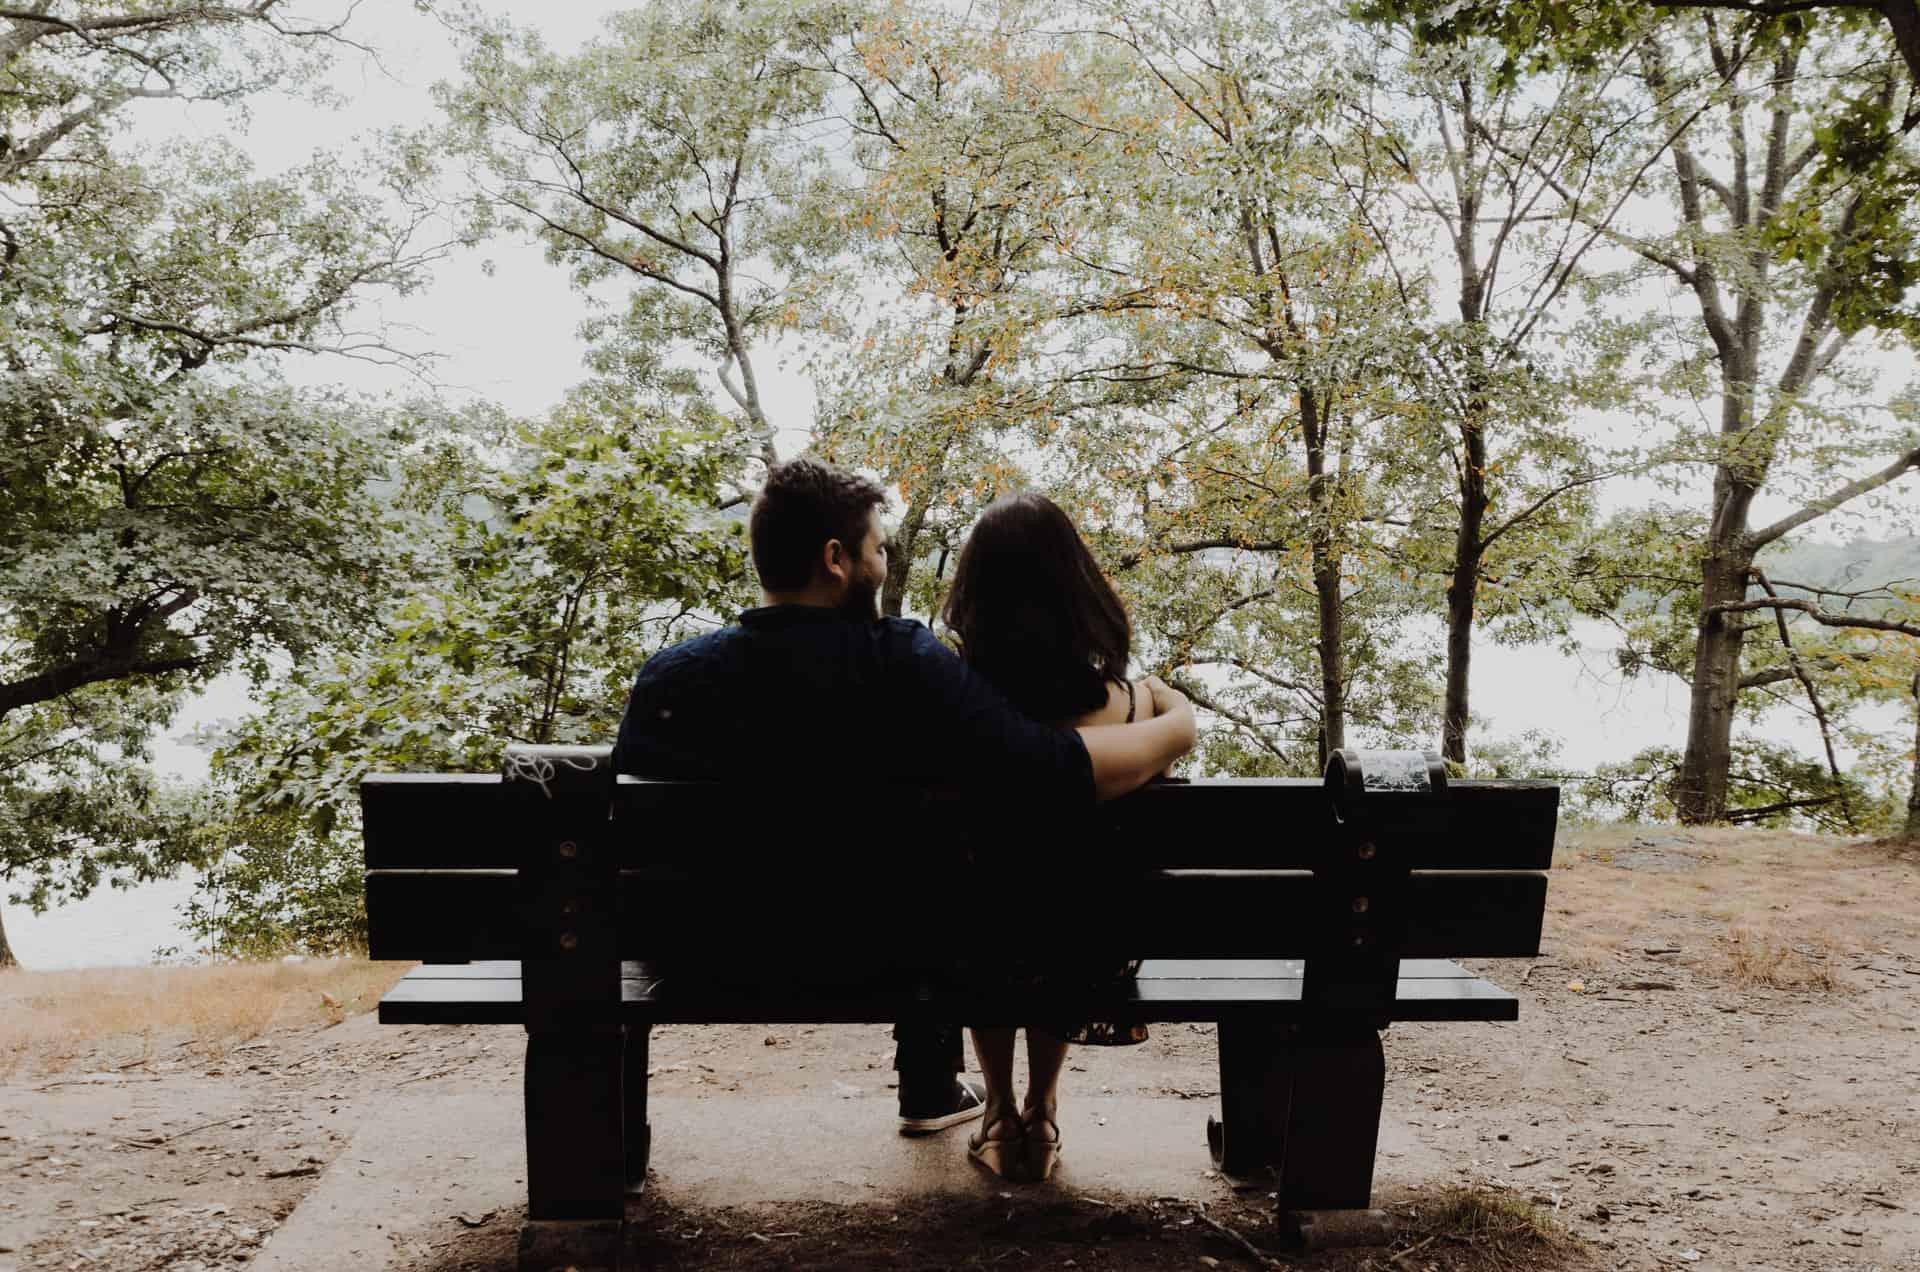 Mann und Zen Ana Bänke umarmt